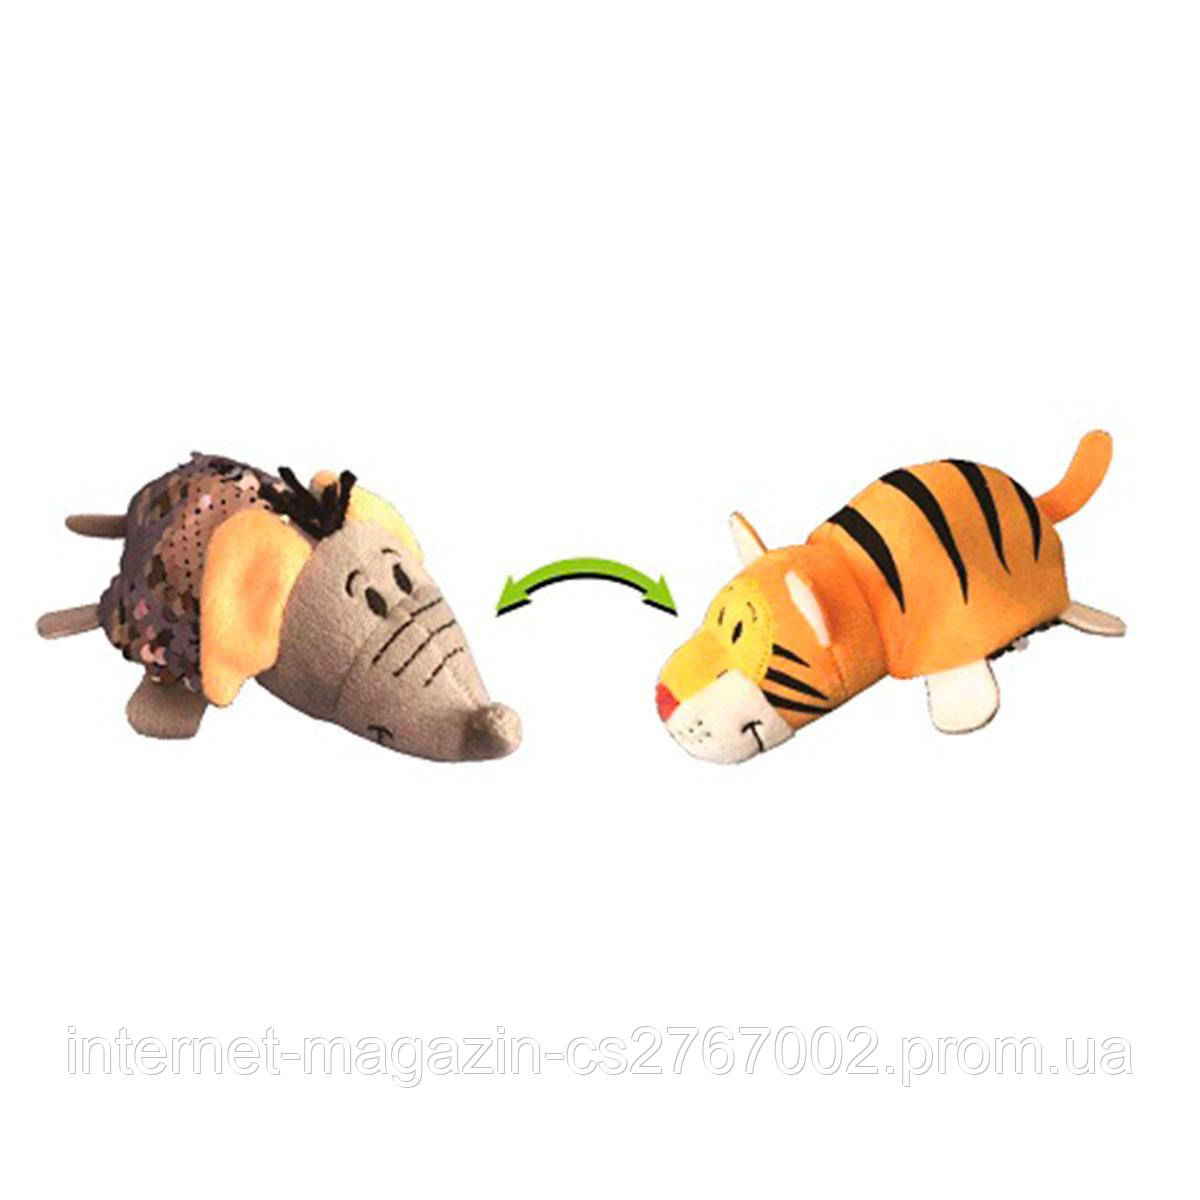 М'яка іграшка з паєтками 2 в 1 - ZooPrяtki - СЛОН-ТИГР (12 cm)